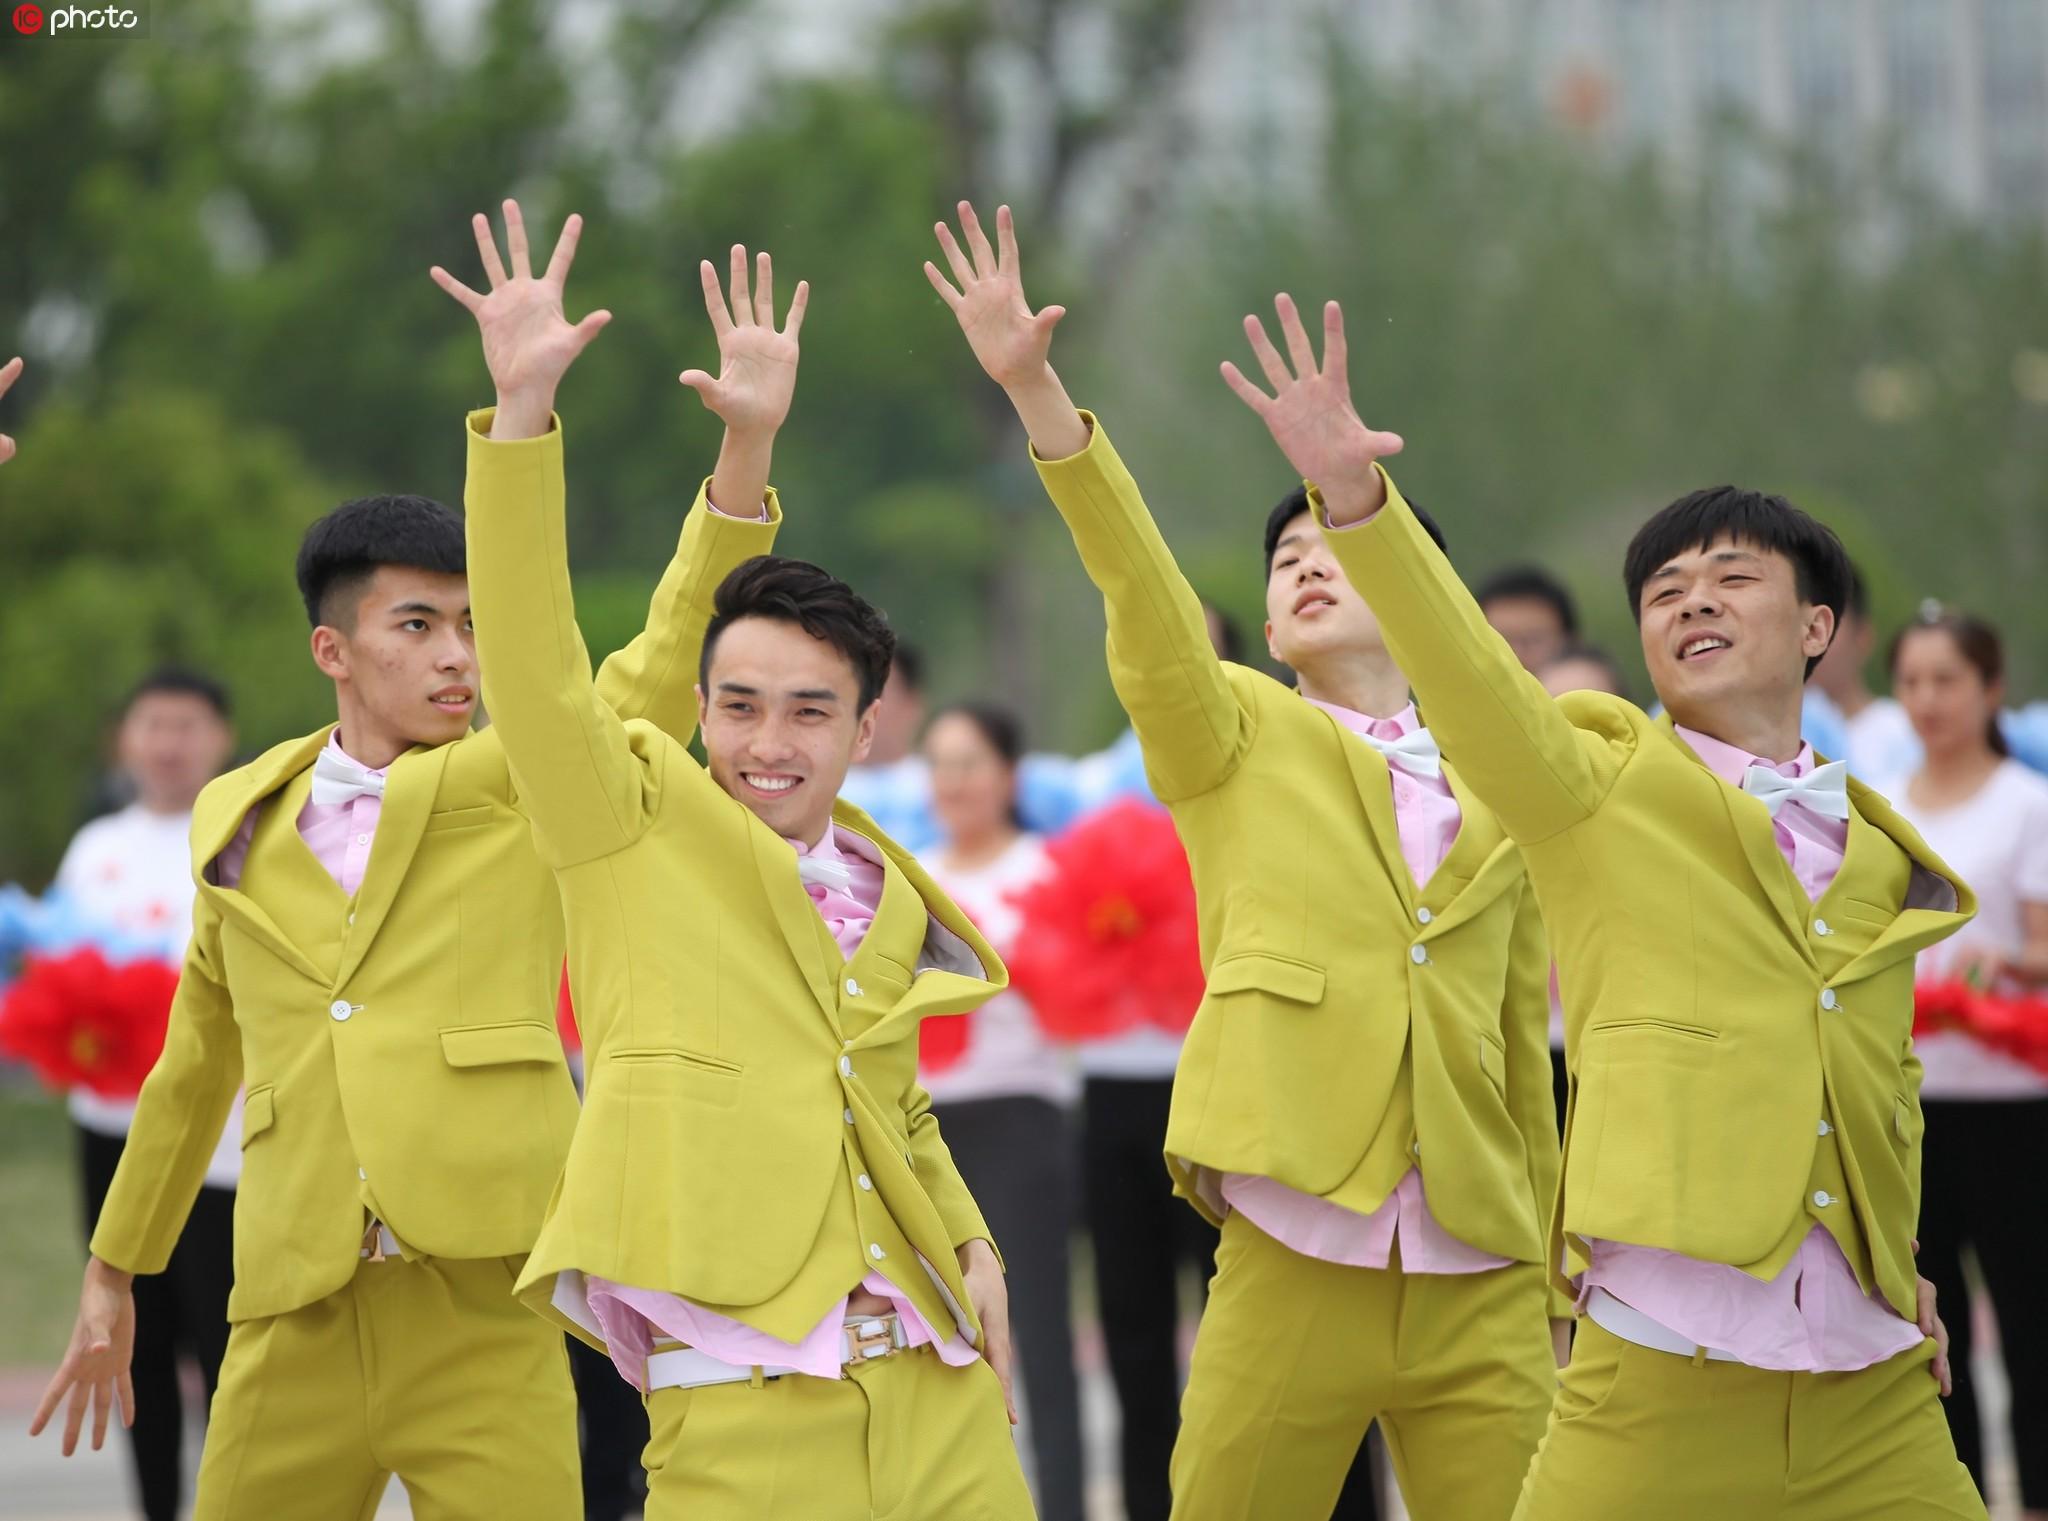 山東滕州:市民舉行快閃迎五四 獻禮新中國